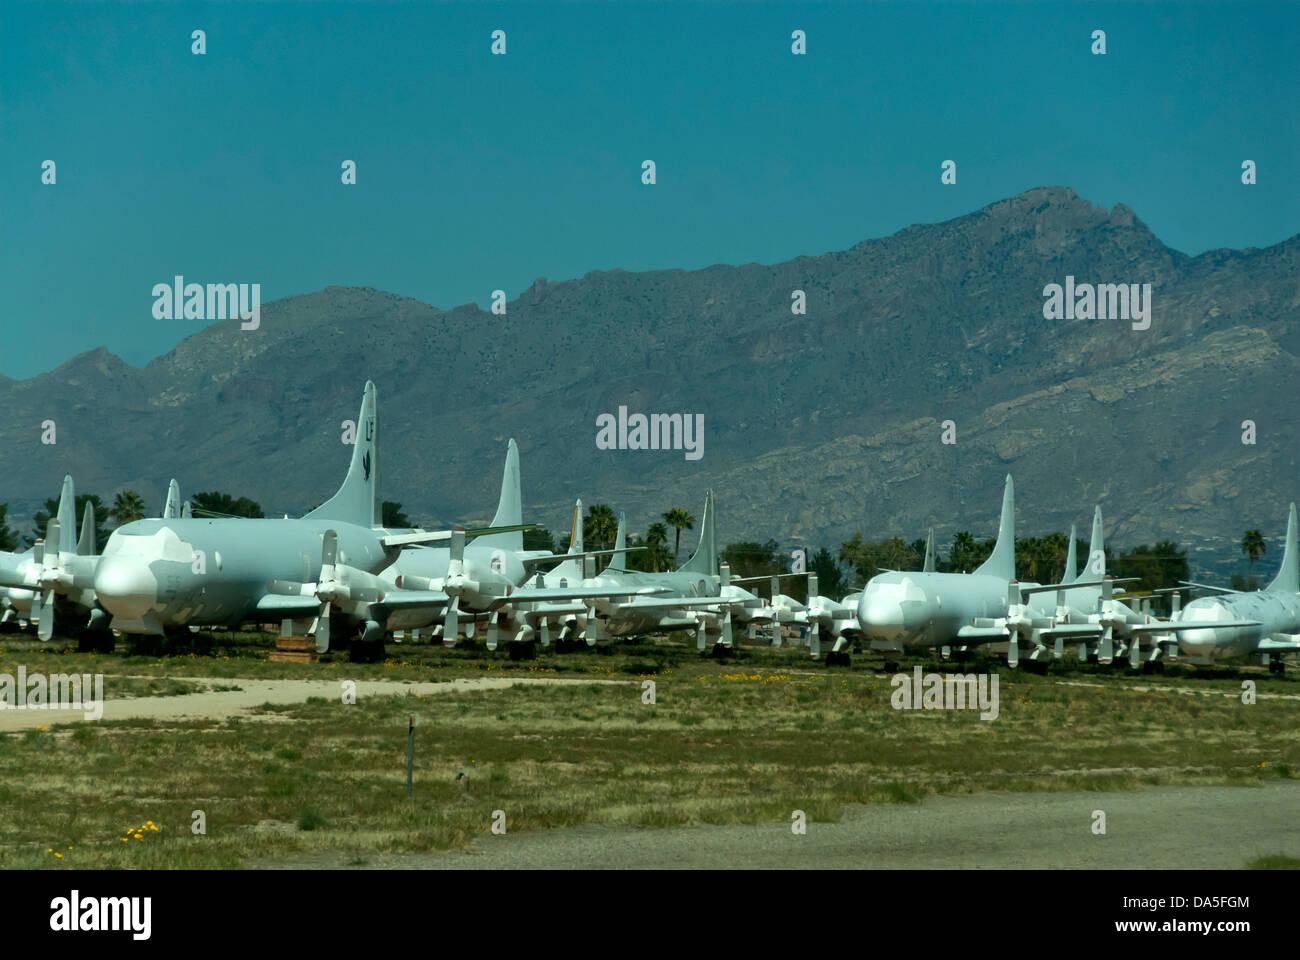 Cimetiere Avion Usa bone yard, plus grand, d'aéronefs, cimetière, davis monthan,, air